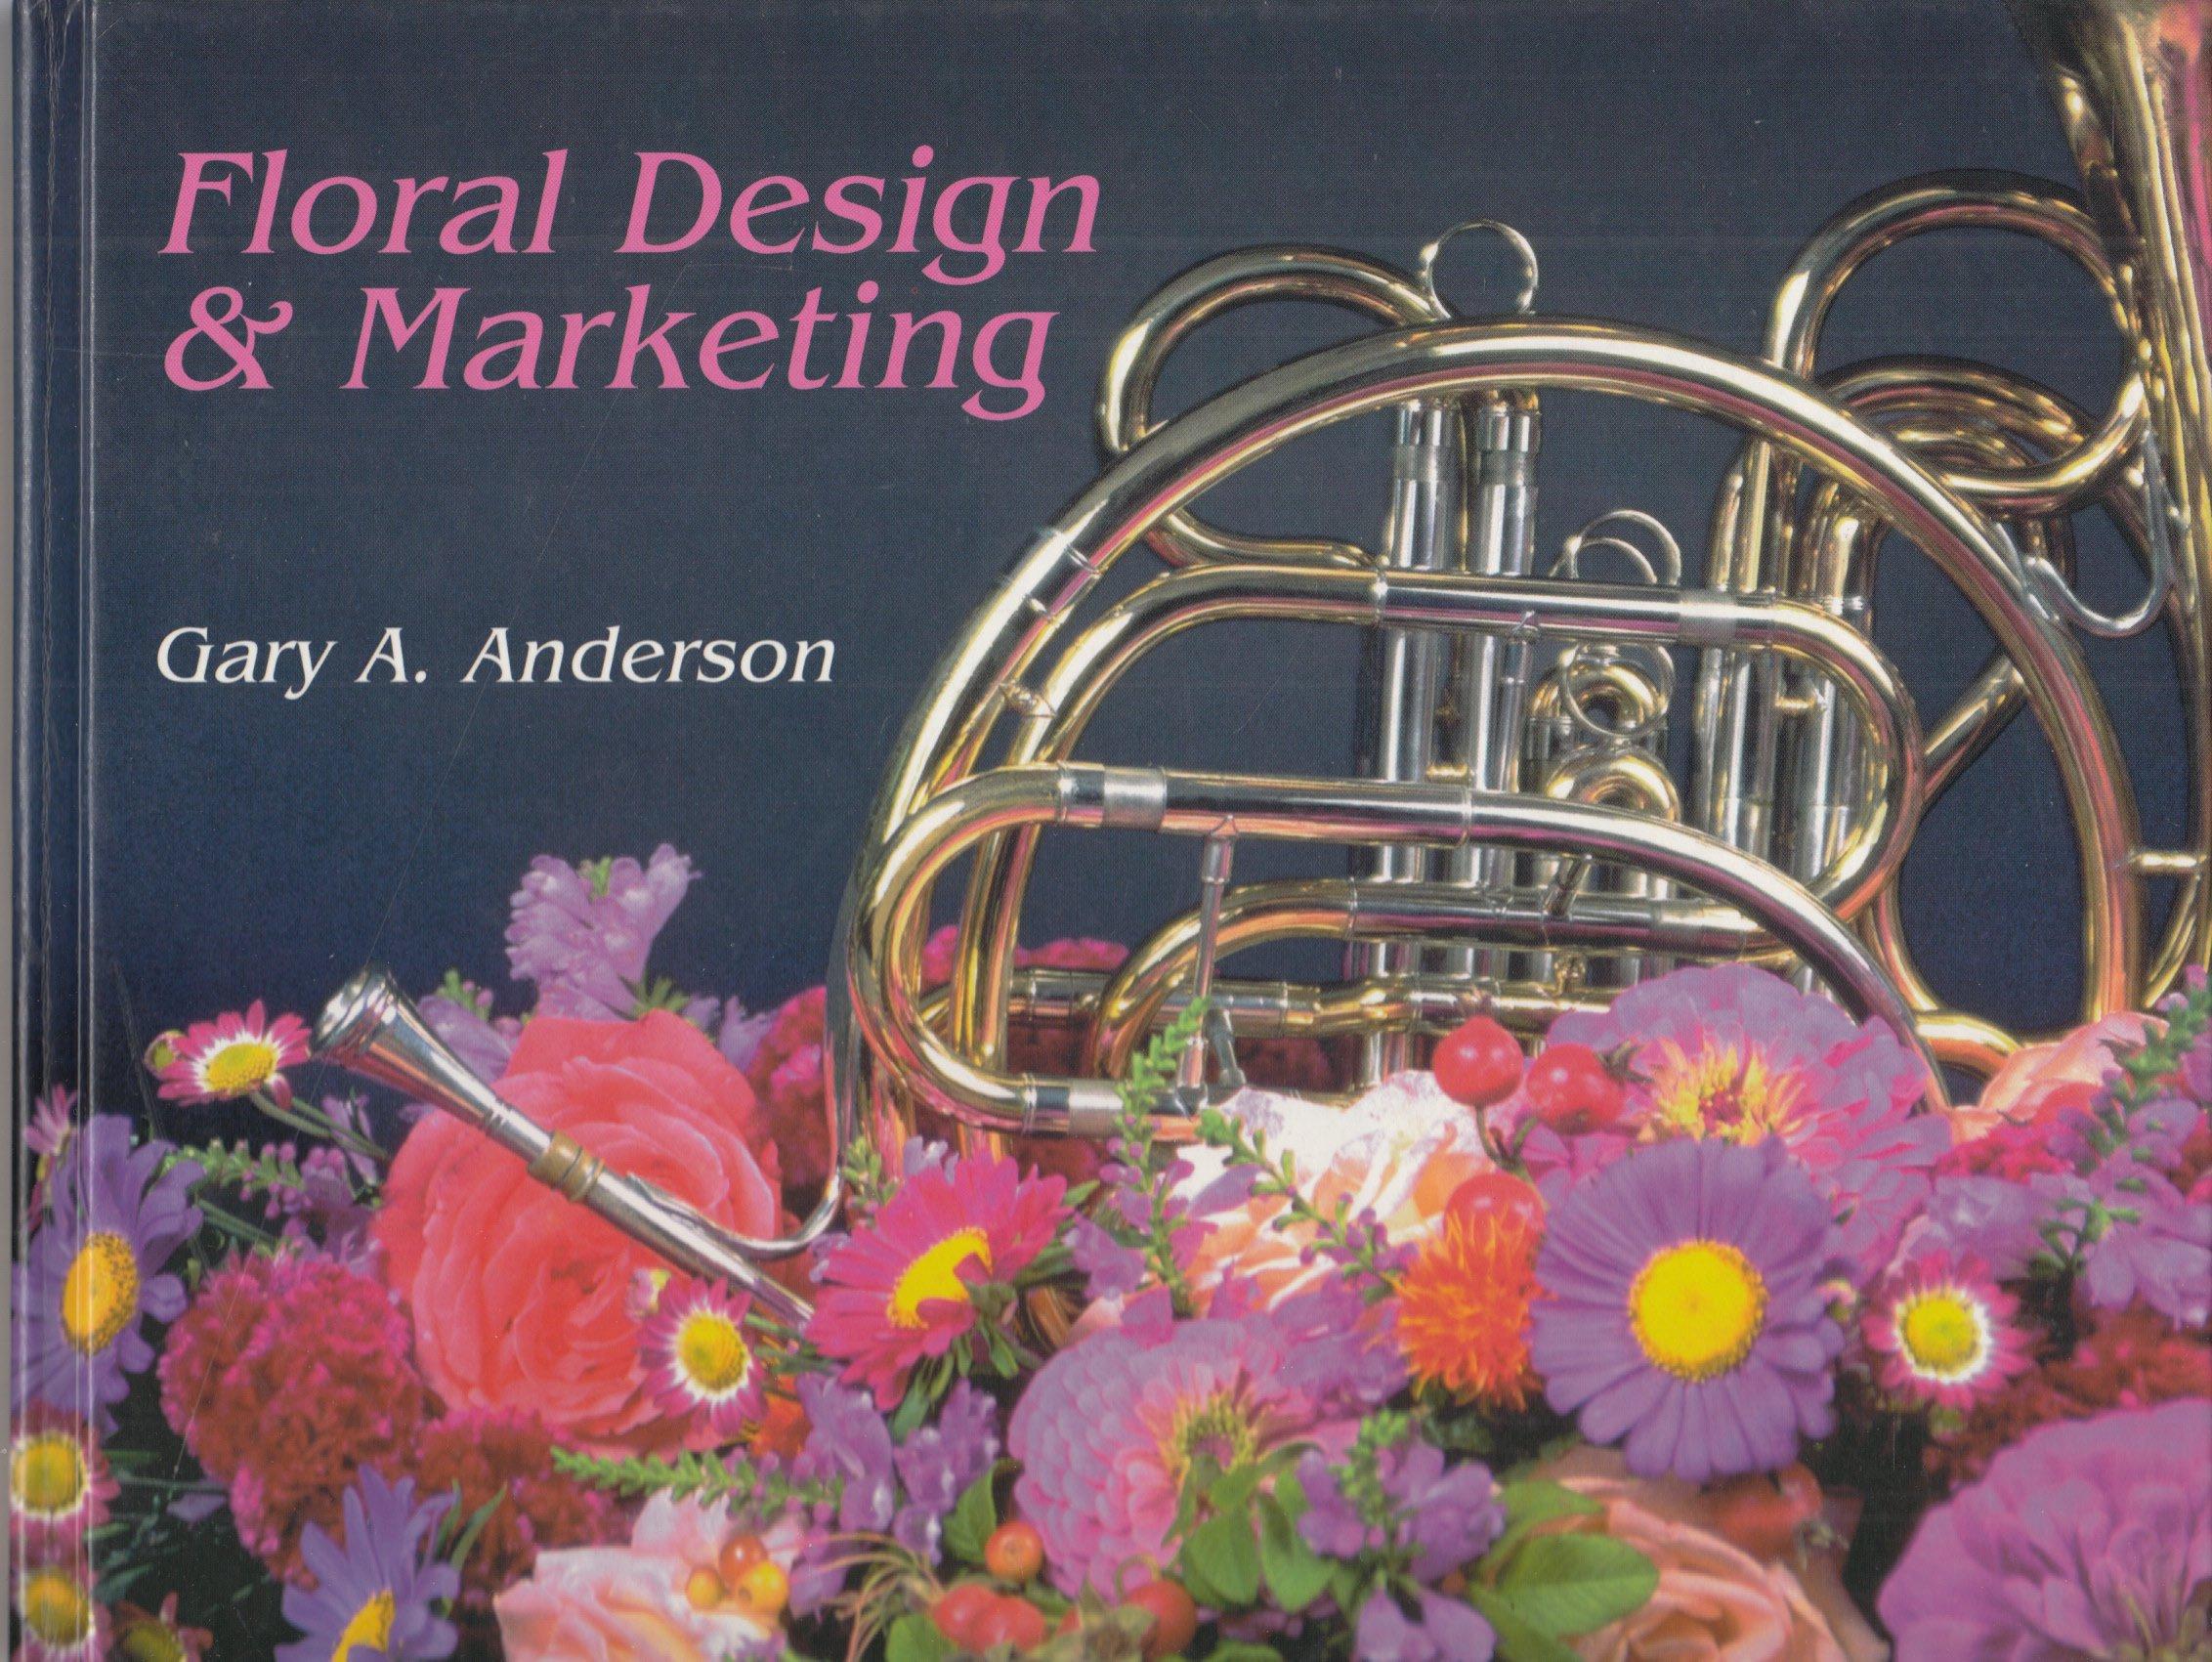 Floral Design & Marketing